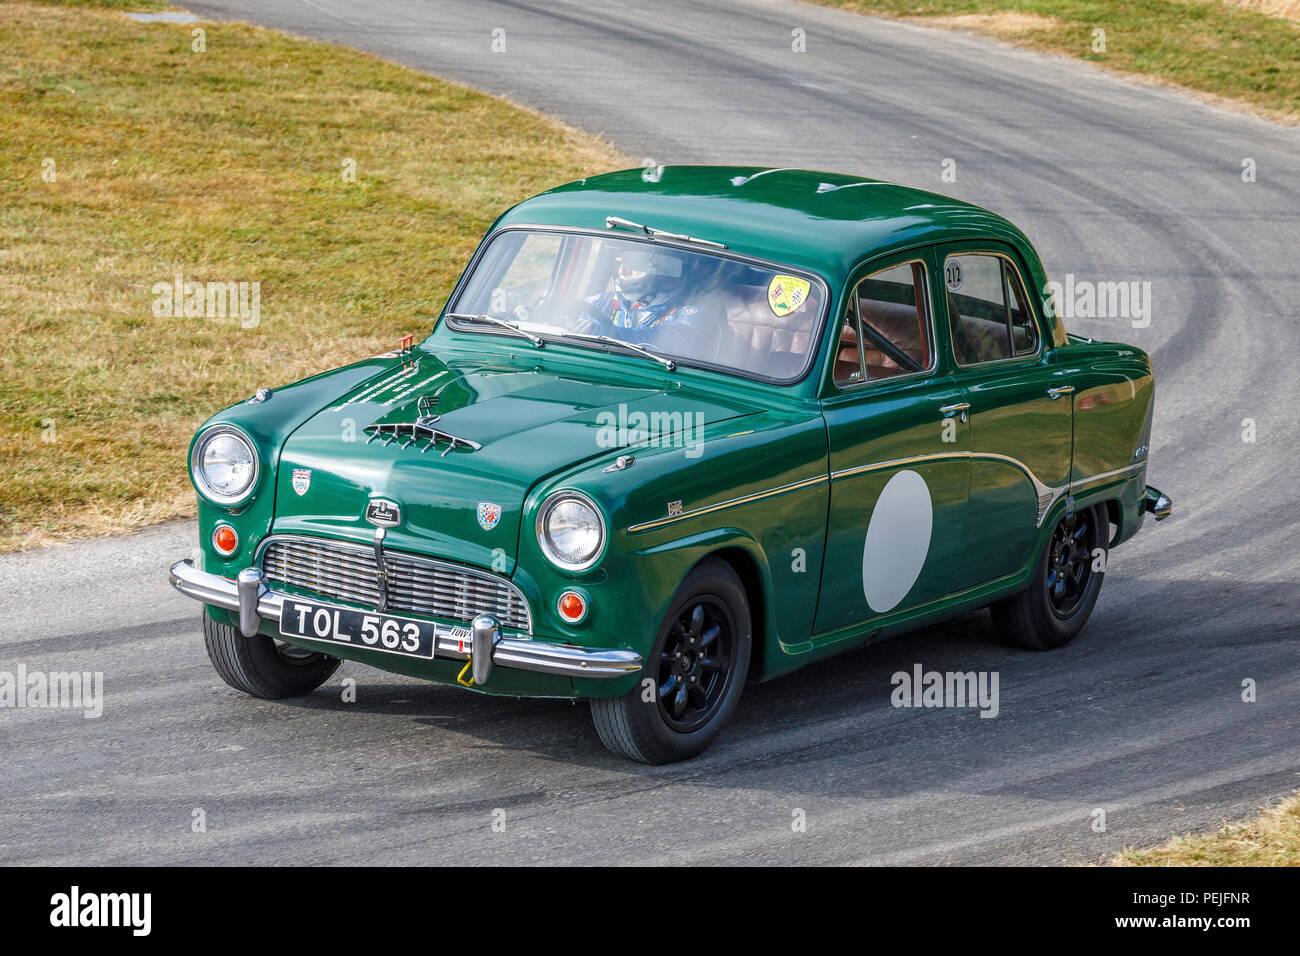 1958 Austin A105, Jack Sears' britische Saloon Car Meisterschaft Sieger, mit Fahrer Nick Jarvis am Goodwood Festival 2018 von Geschwindigkeit, Sussex, UK. Stockbild